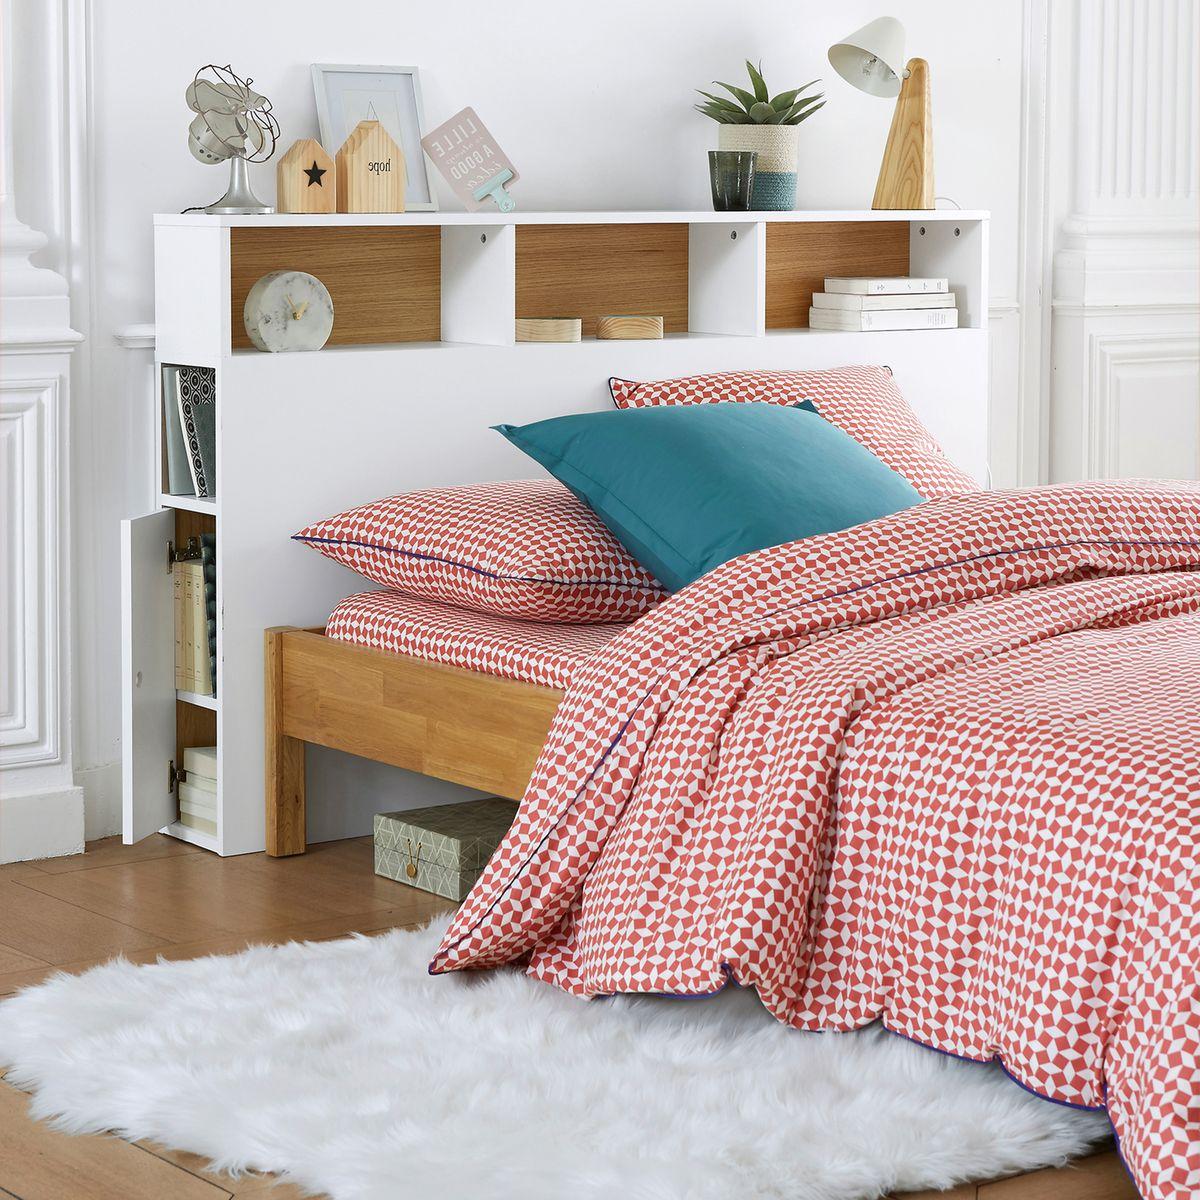 optimiser le rangement tête de lit avec rangement blanc scandinave bois design - blog déco - clem around the corner